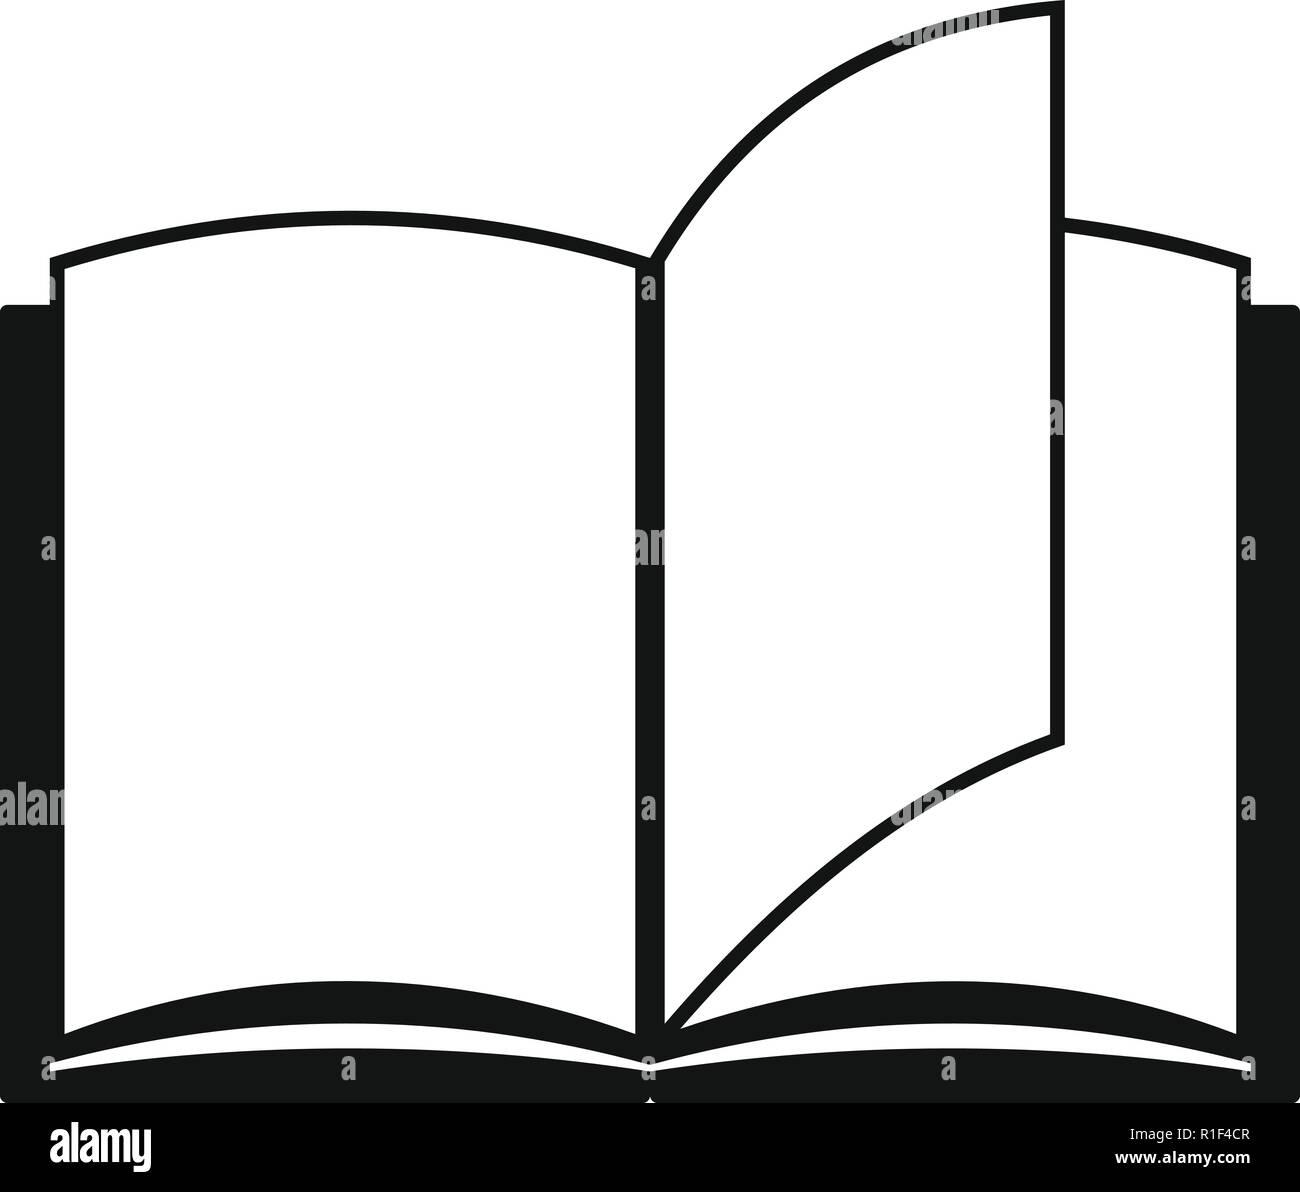 Buch Seite Symbol. Einfache Abbildung: Buch Seite vektor Symbol für Web Stockbild